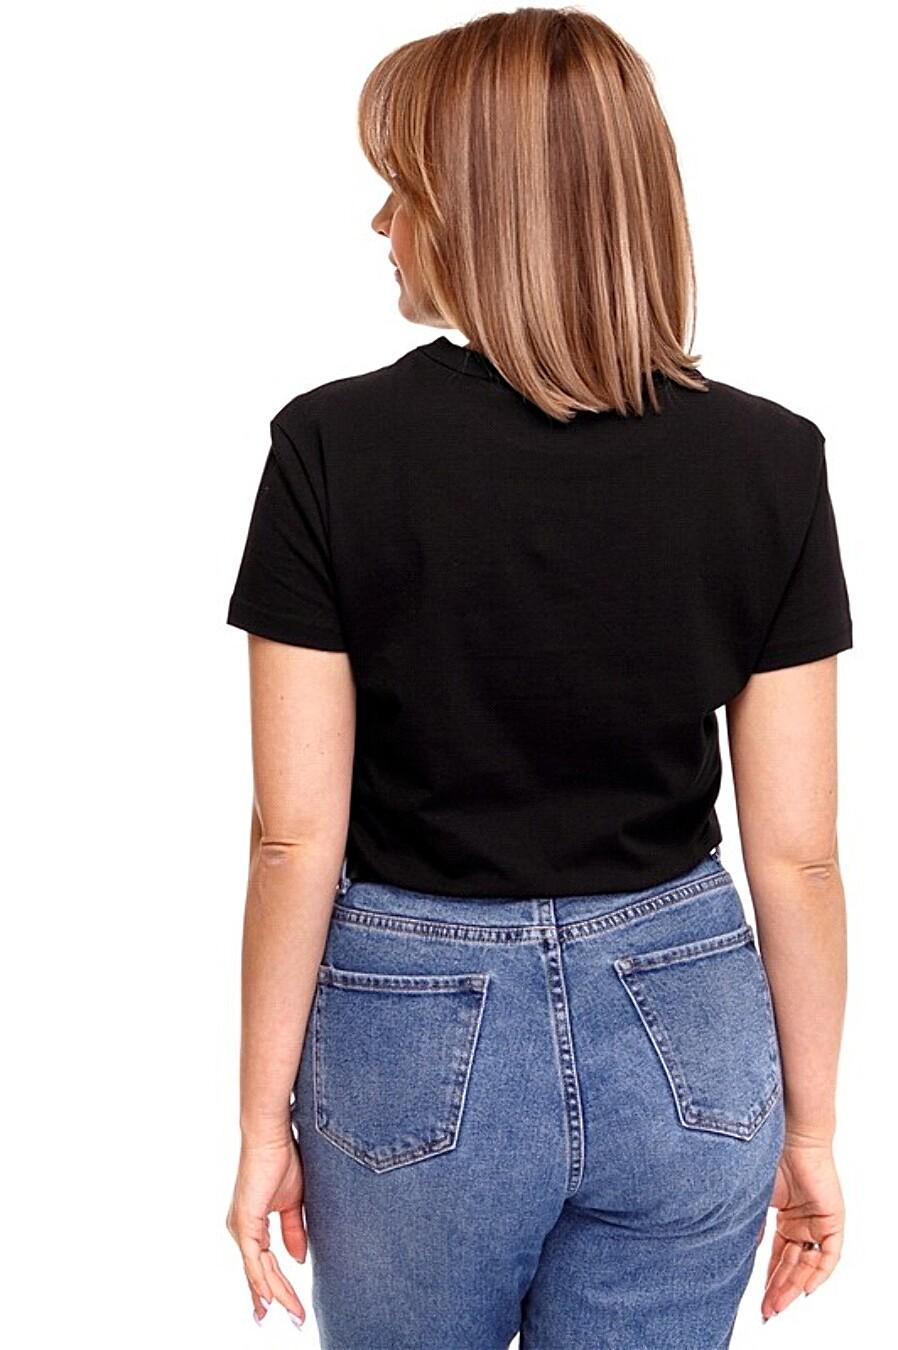 Футболка для женщин АПРЕЛЬ 649107 купить оптом от производителя. Совместная покупка женской одежды в OptMoyo